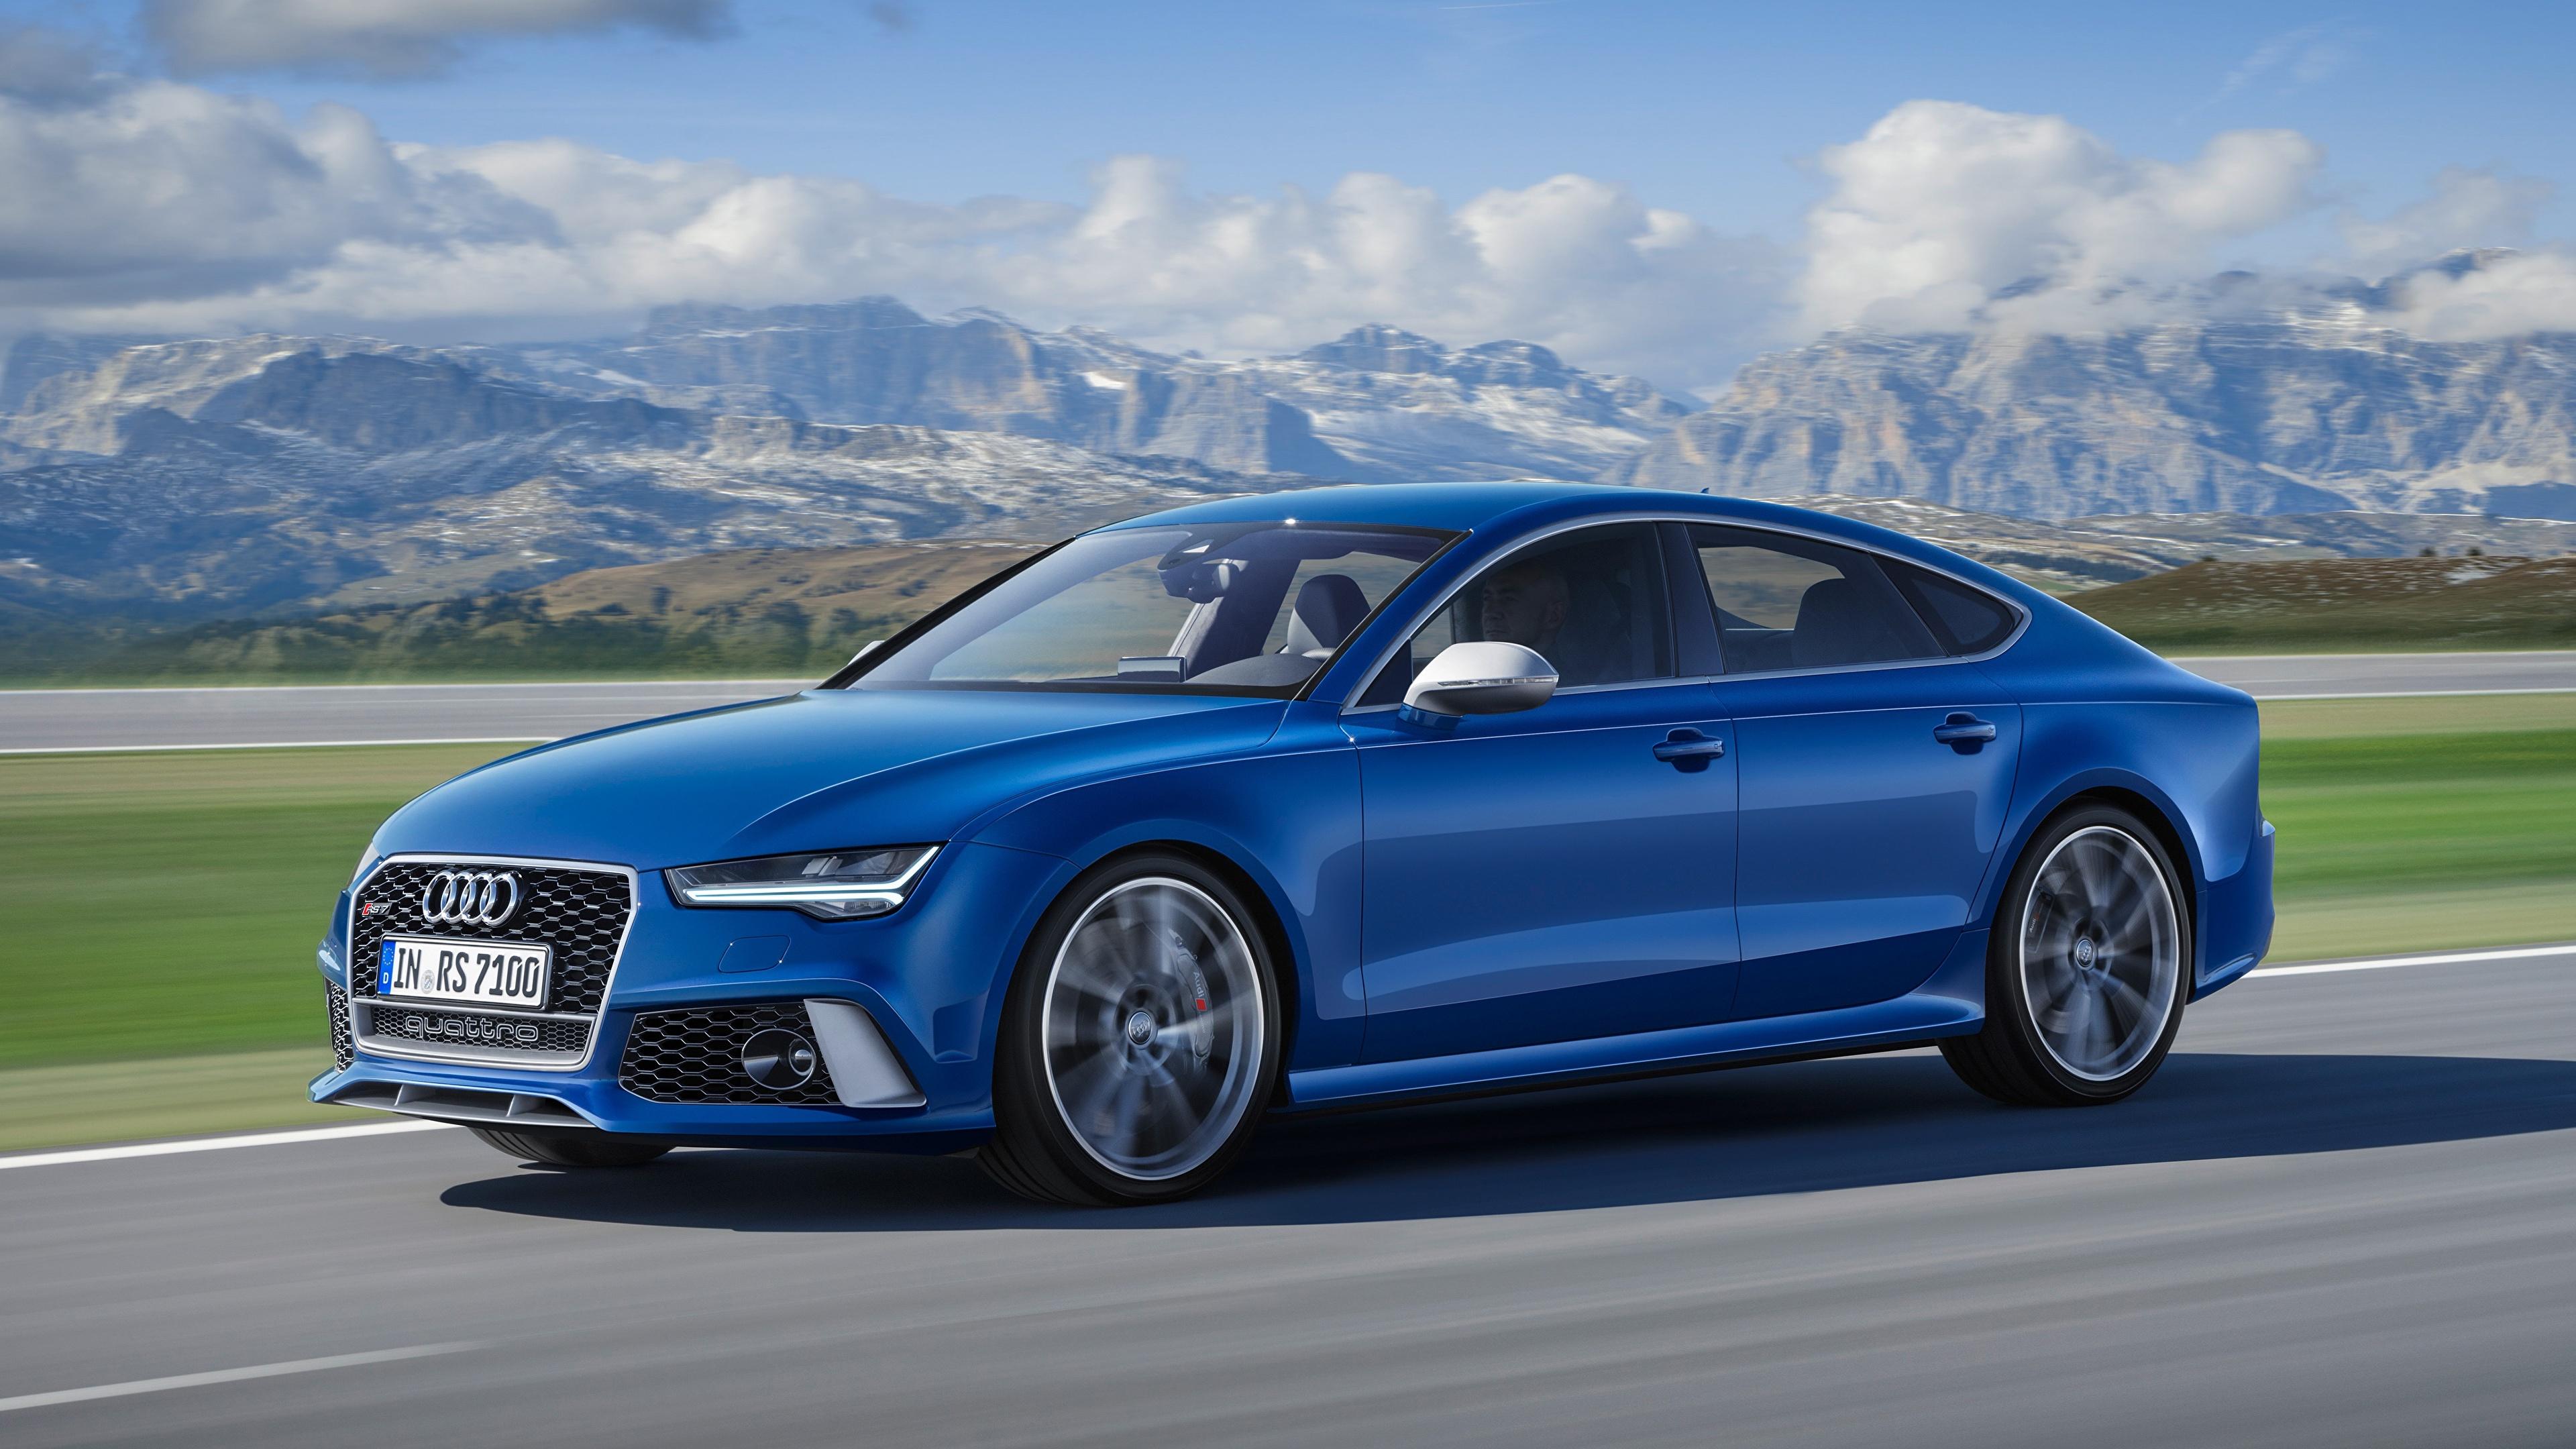 Картинки Audi Размытый фон Синий скорость Сбоку Автомобили 3840x2160 Ауди боке синяя синие синих едет едущий едущая Движение авто машины машина автомобиль